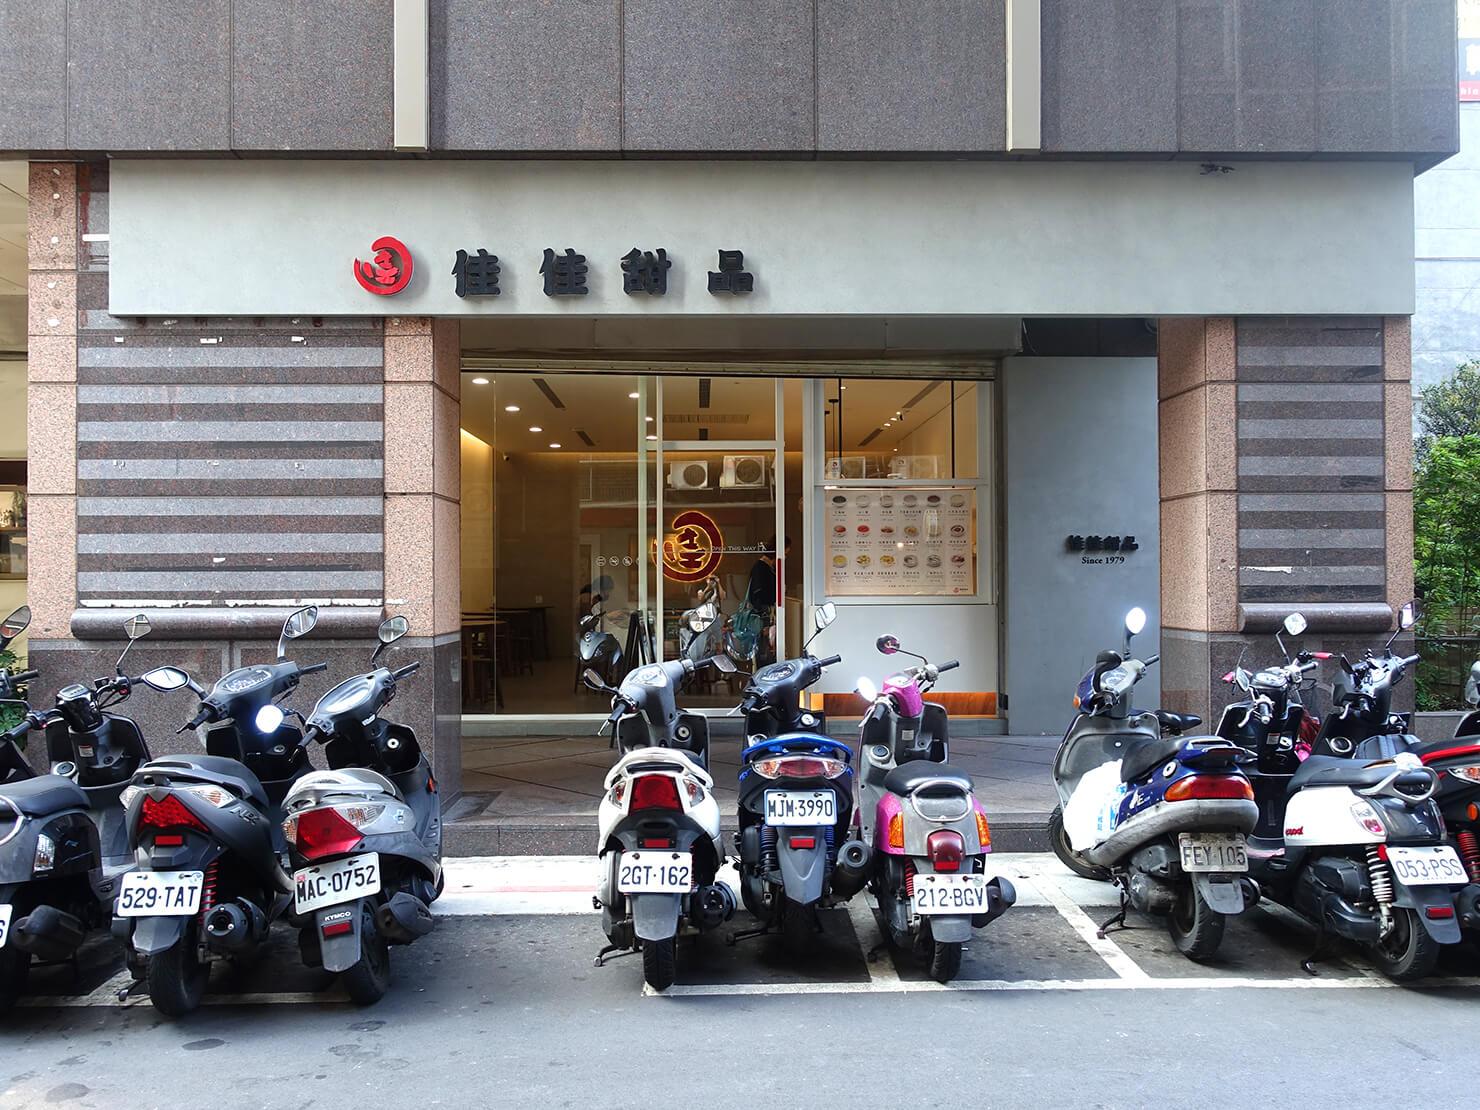 台北101エリア・MRT市政府駅周辺のおすすめグルメ店「佳佳甜品」の外観